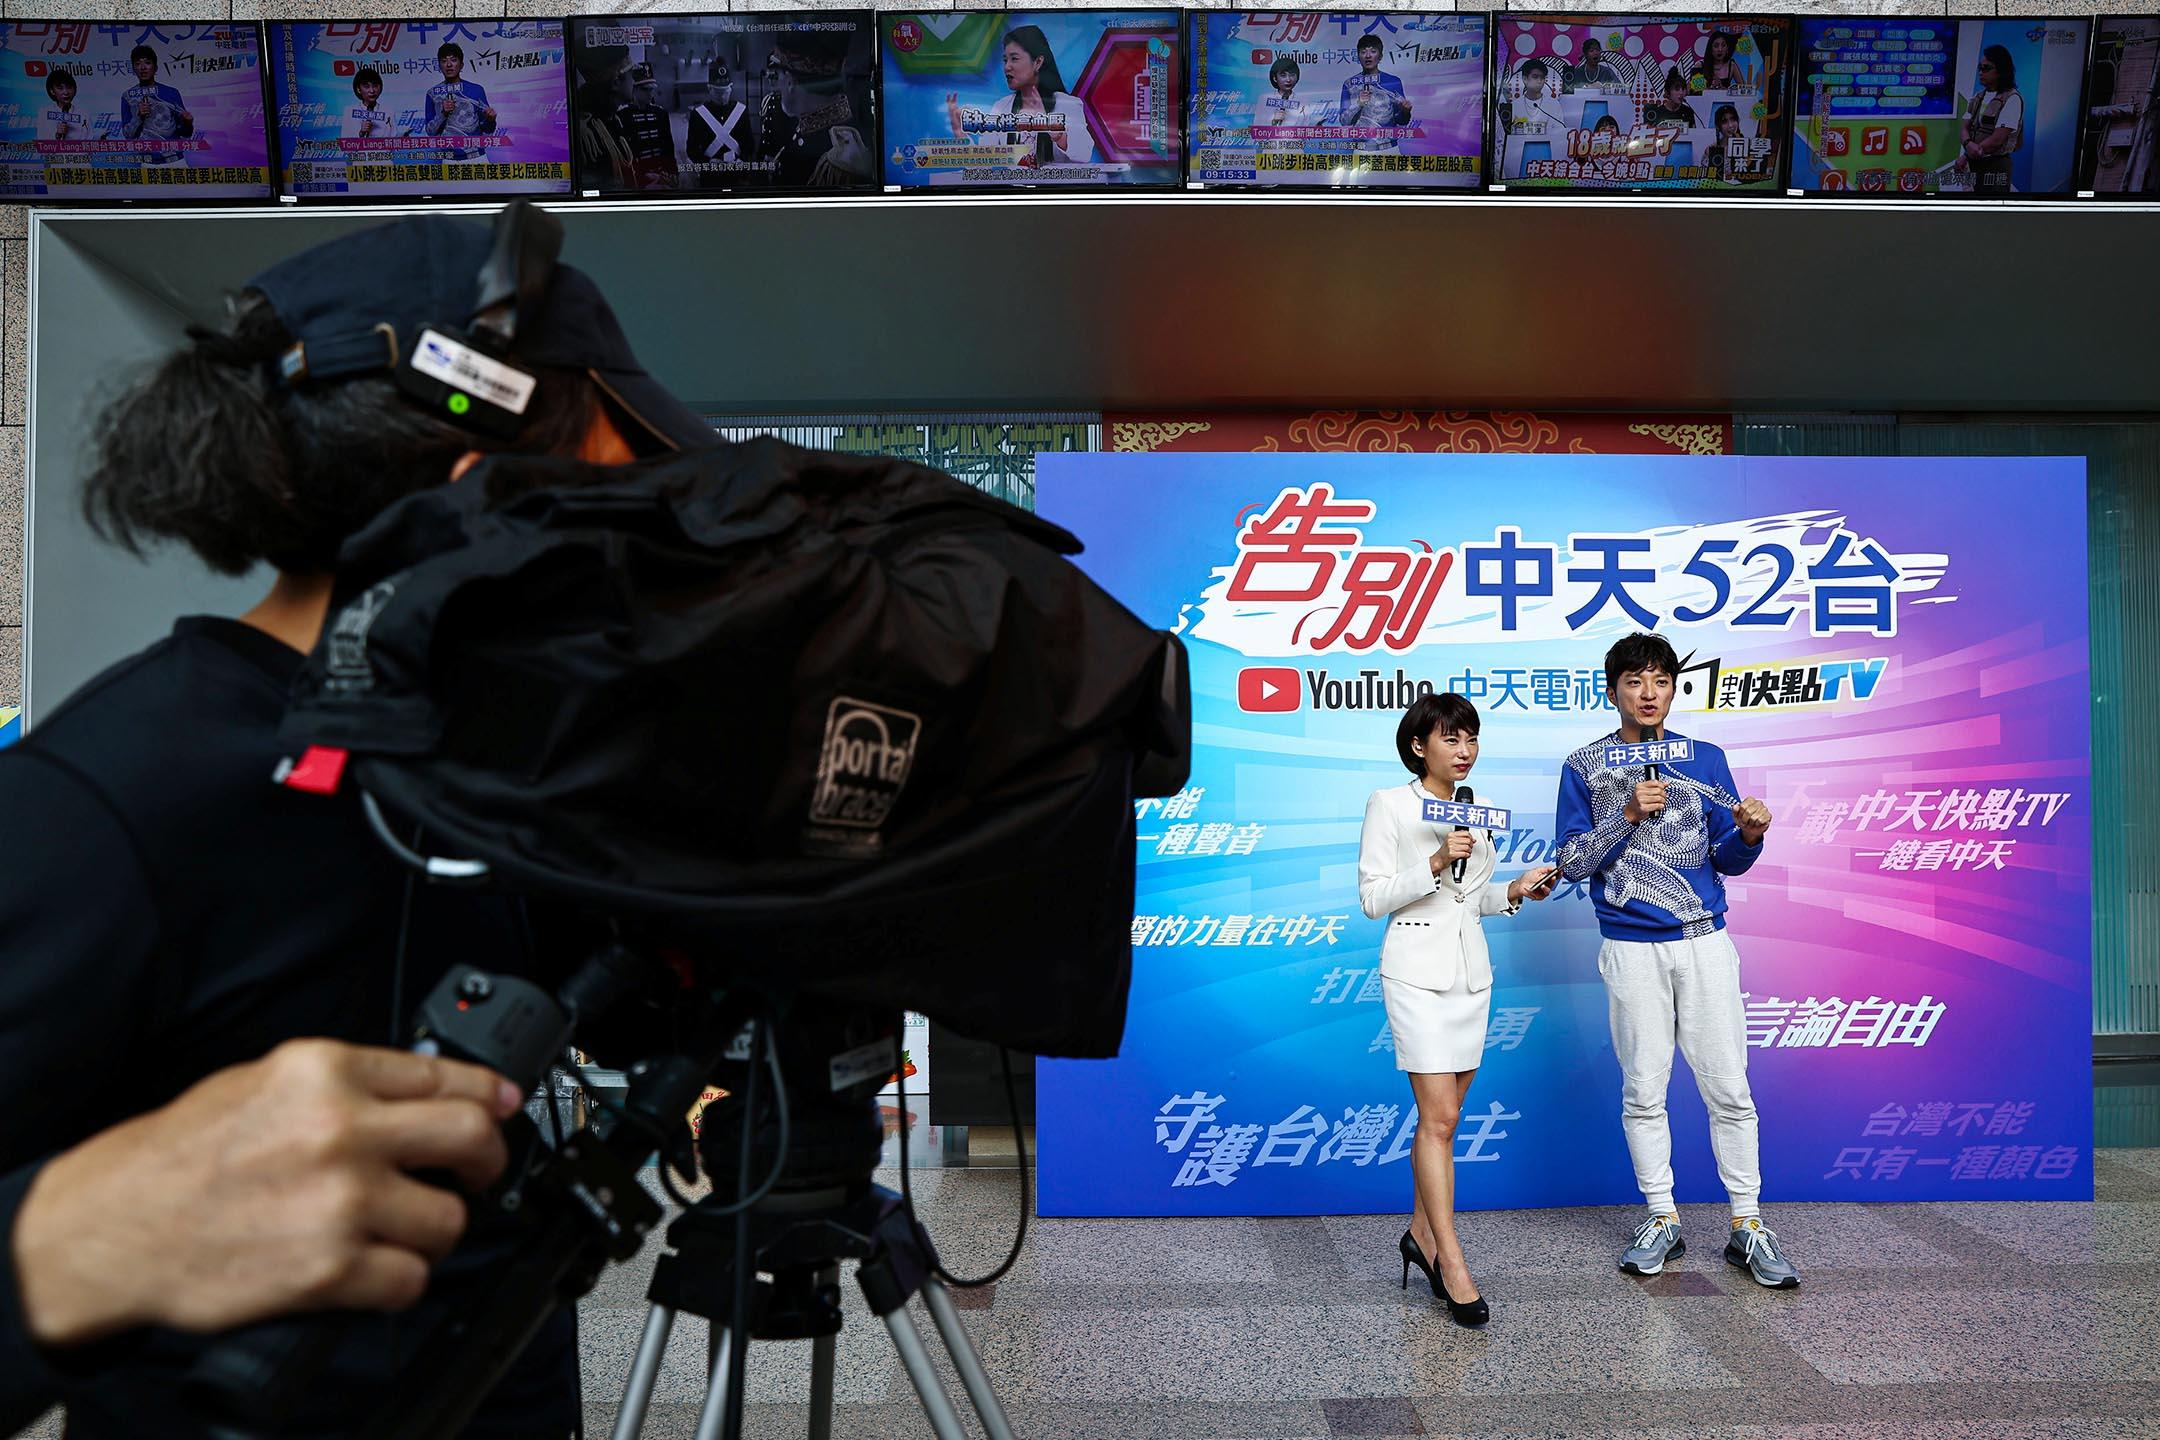 2020年12月10日台北,中天電視主持人在中天電視總部錄製新聞節目。 攝:Ann Wang/Reuters/達志影像